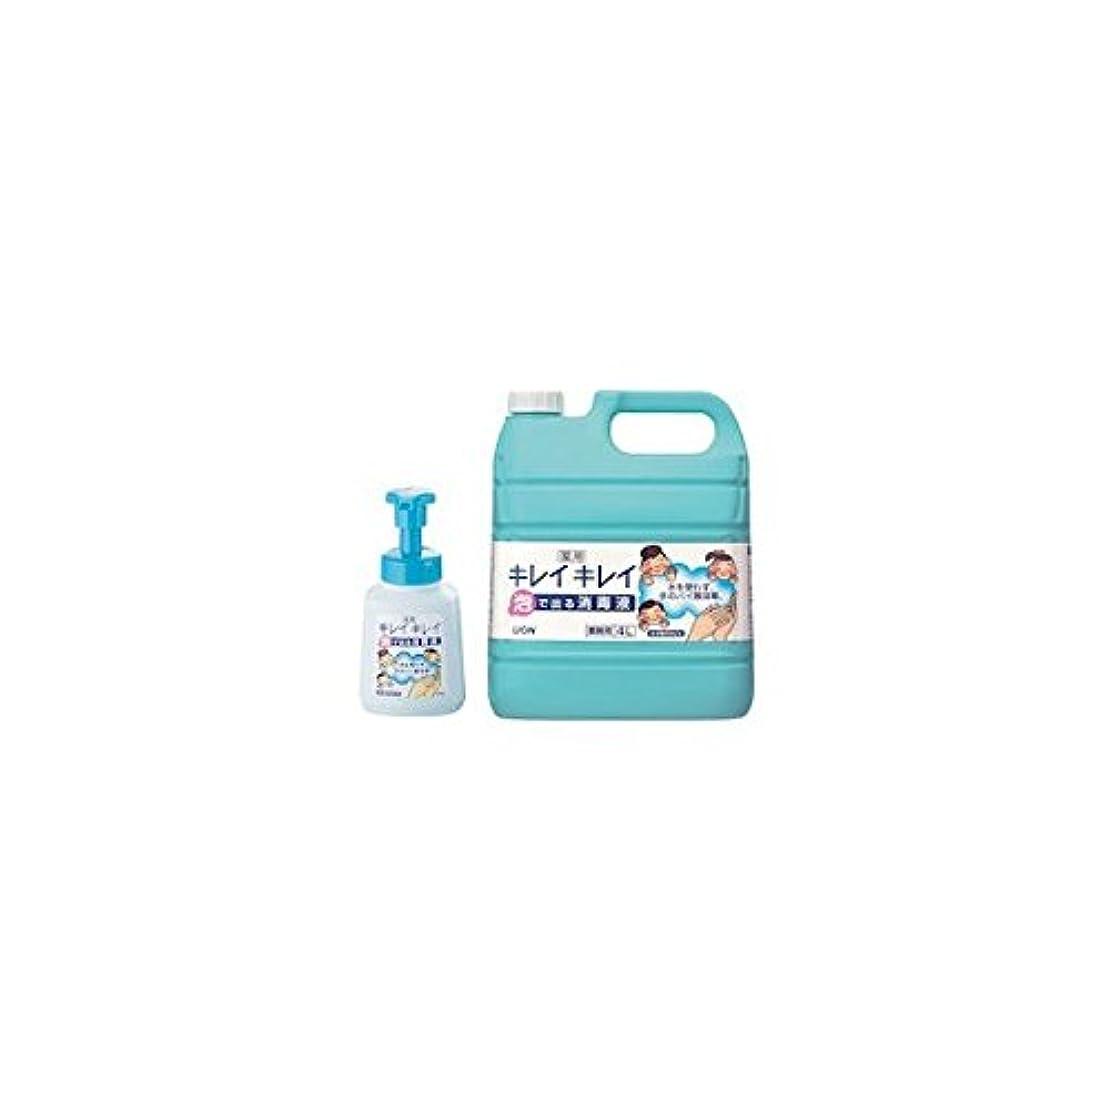 知り合いシルクトマトライオン キレイキレイ泡で出る消毒液 4L(専用ポンプ付) 【品番】JHV2901